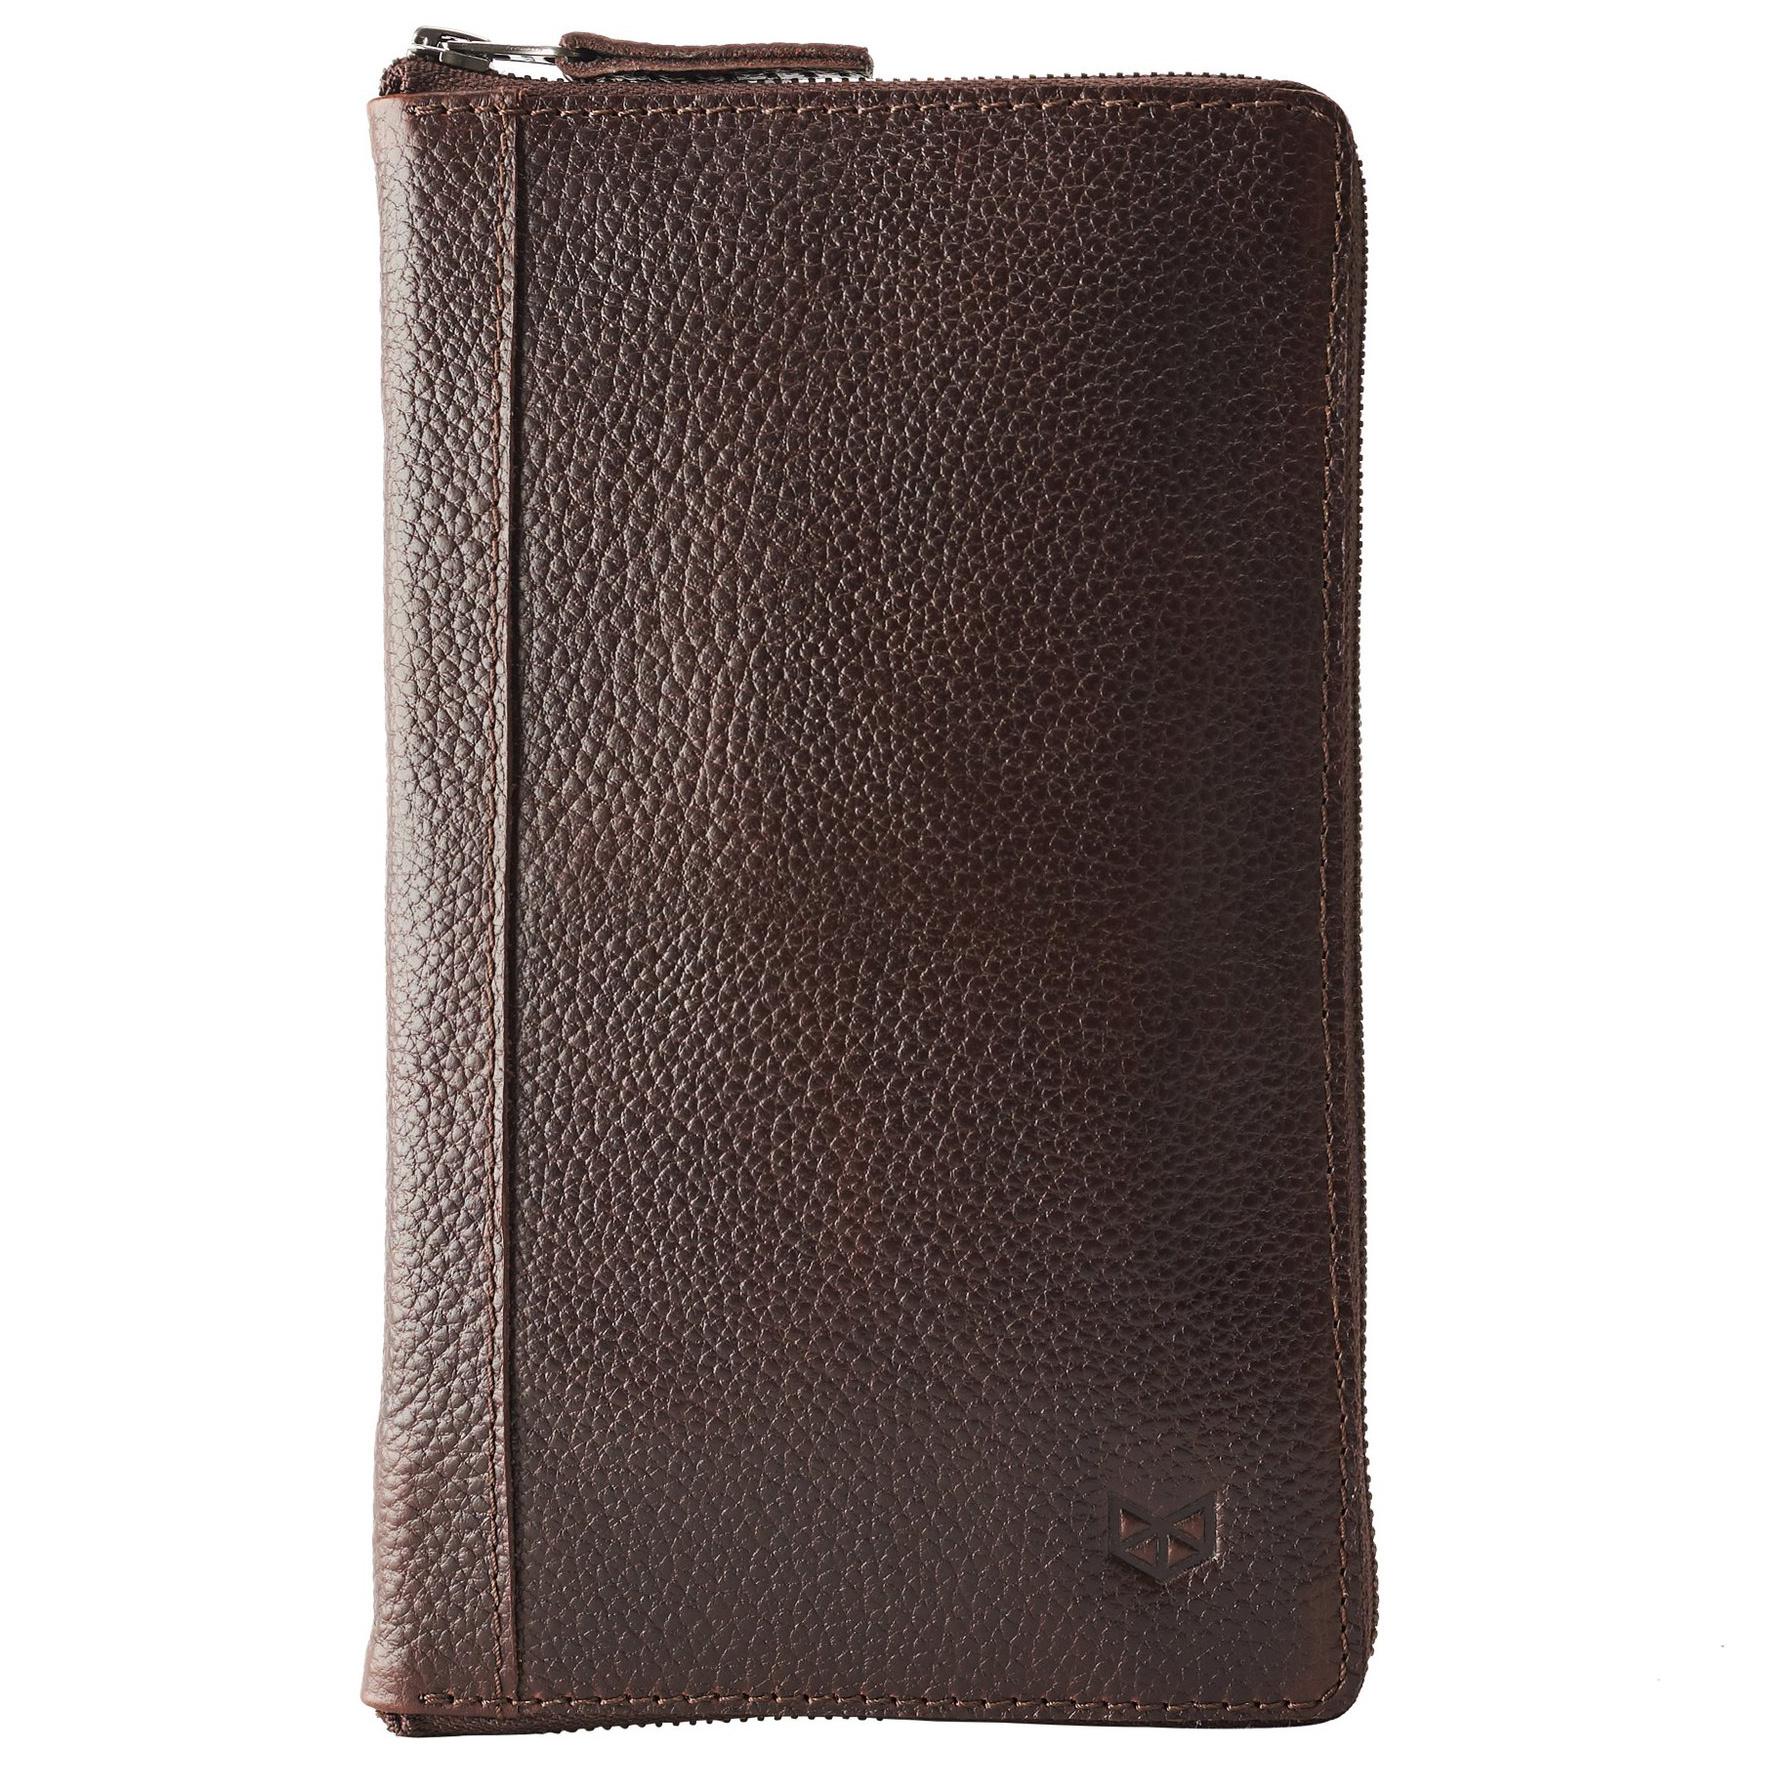 Passport Holder - Dark Brown